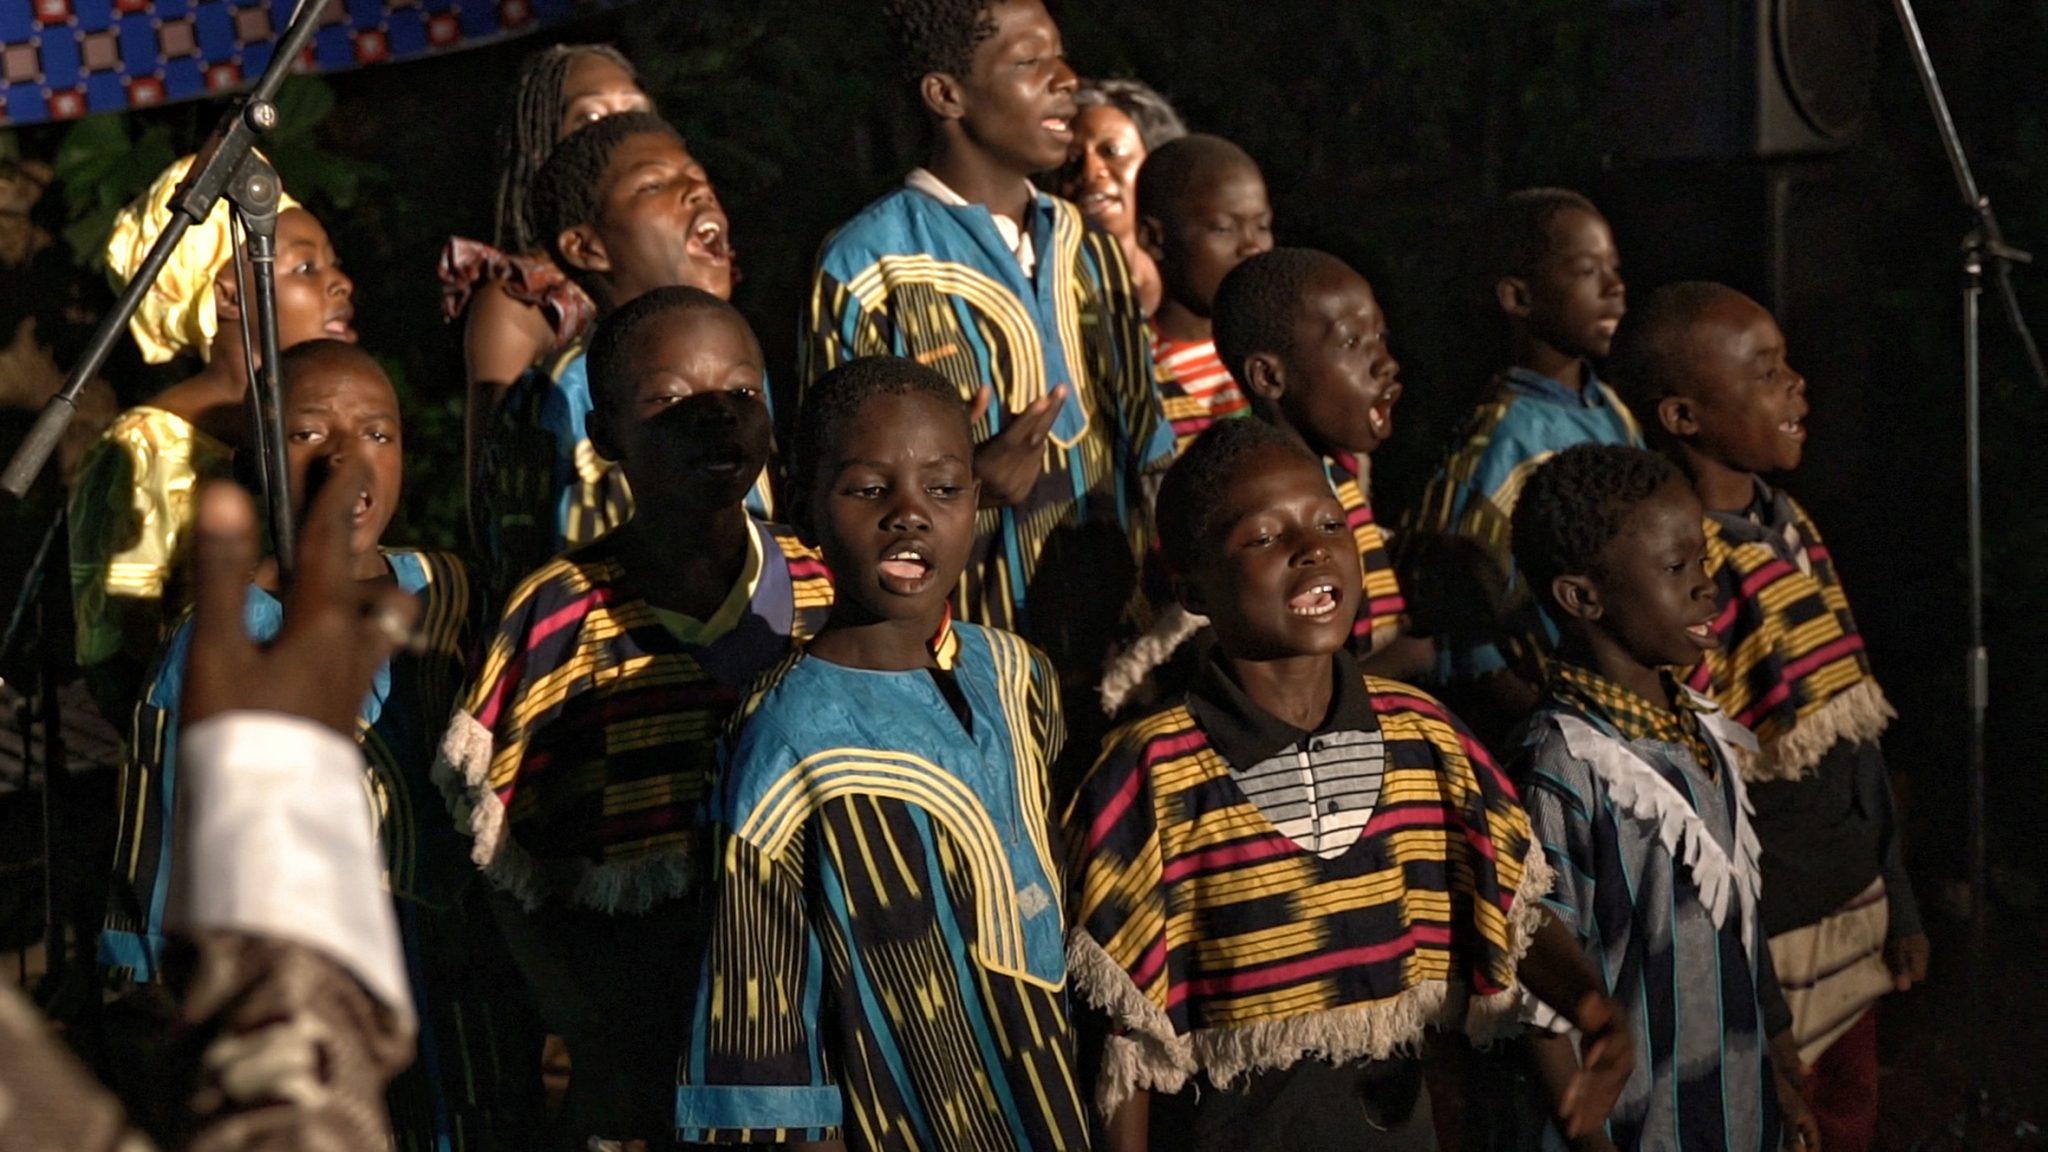 Rapport du mois de septembre'18 du Centre de jour Tié pour enfants et adolescents de la rue de Bobo-Dioulasso